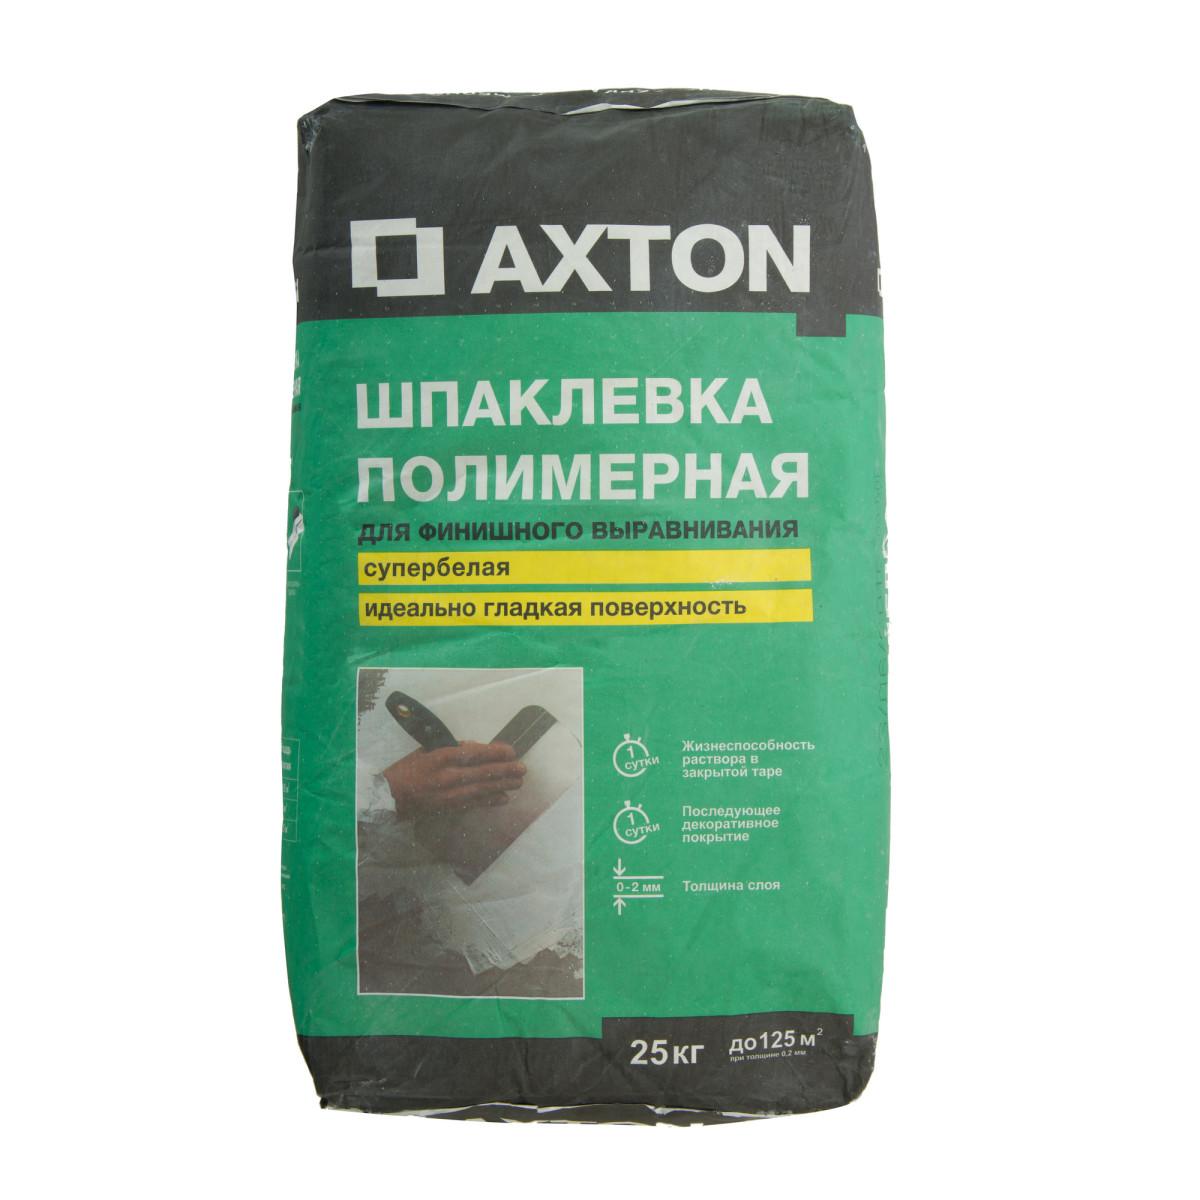 Шпаклевка полимерная финишная Axton 25 кг